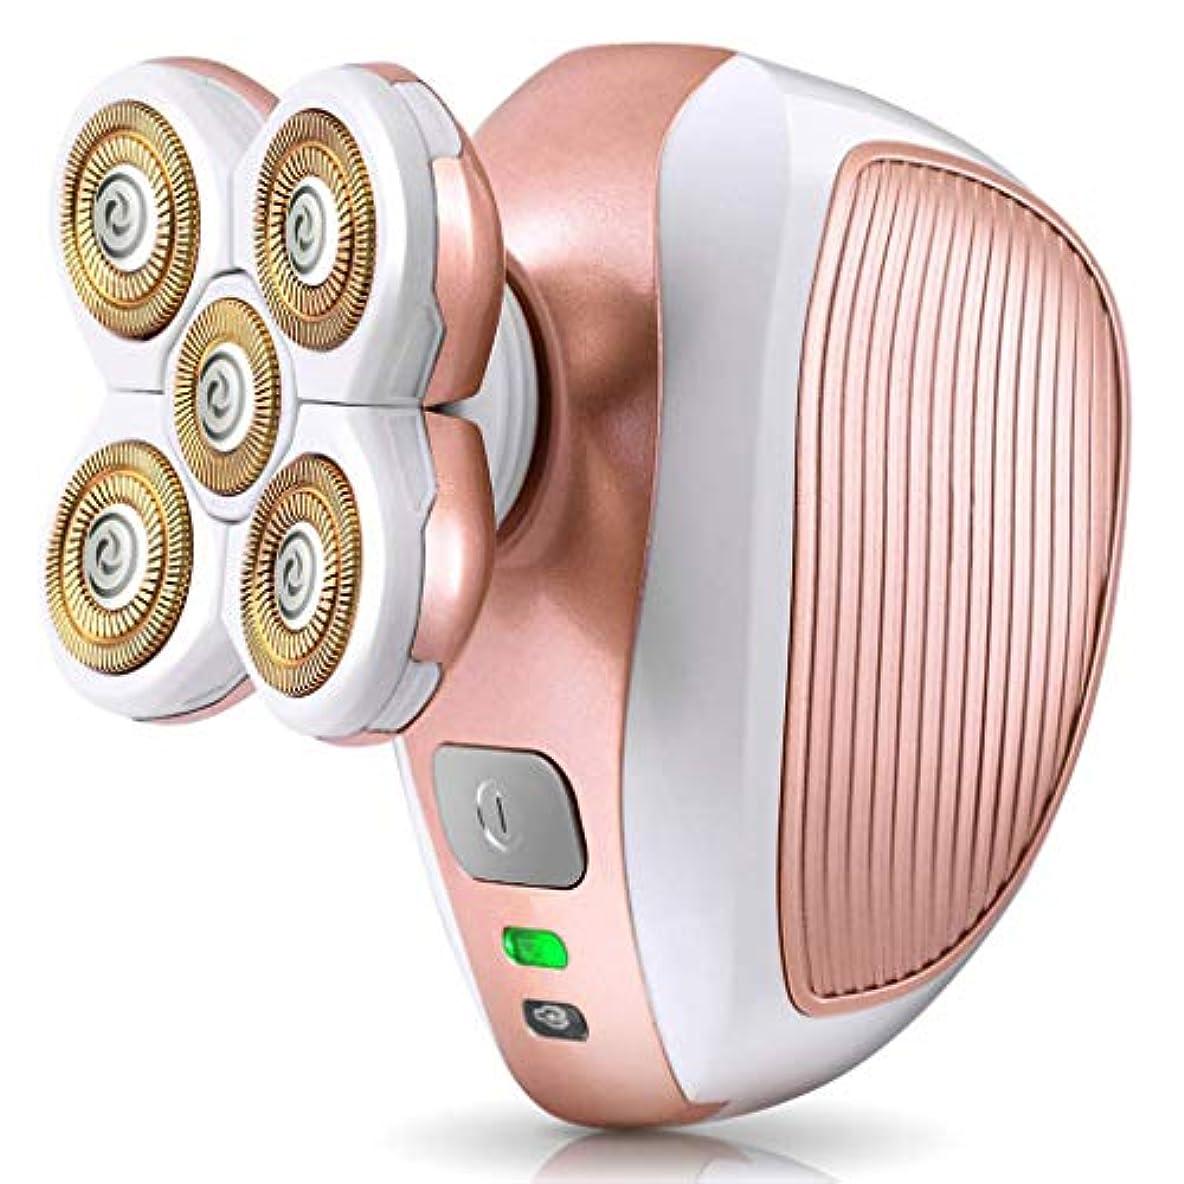 爆弾バランス事務所女性と男性のための痛みのないボディヘアリムーバー - USB充電式防水インスタントヘアリムーバー - 脚の顔の唇ボディ脇の下脇…